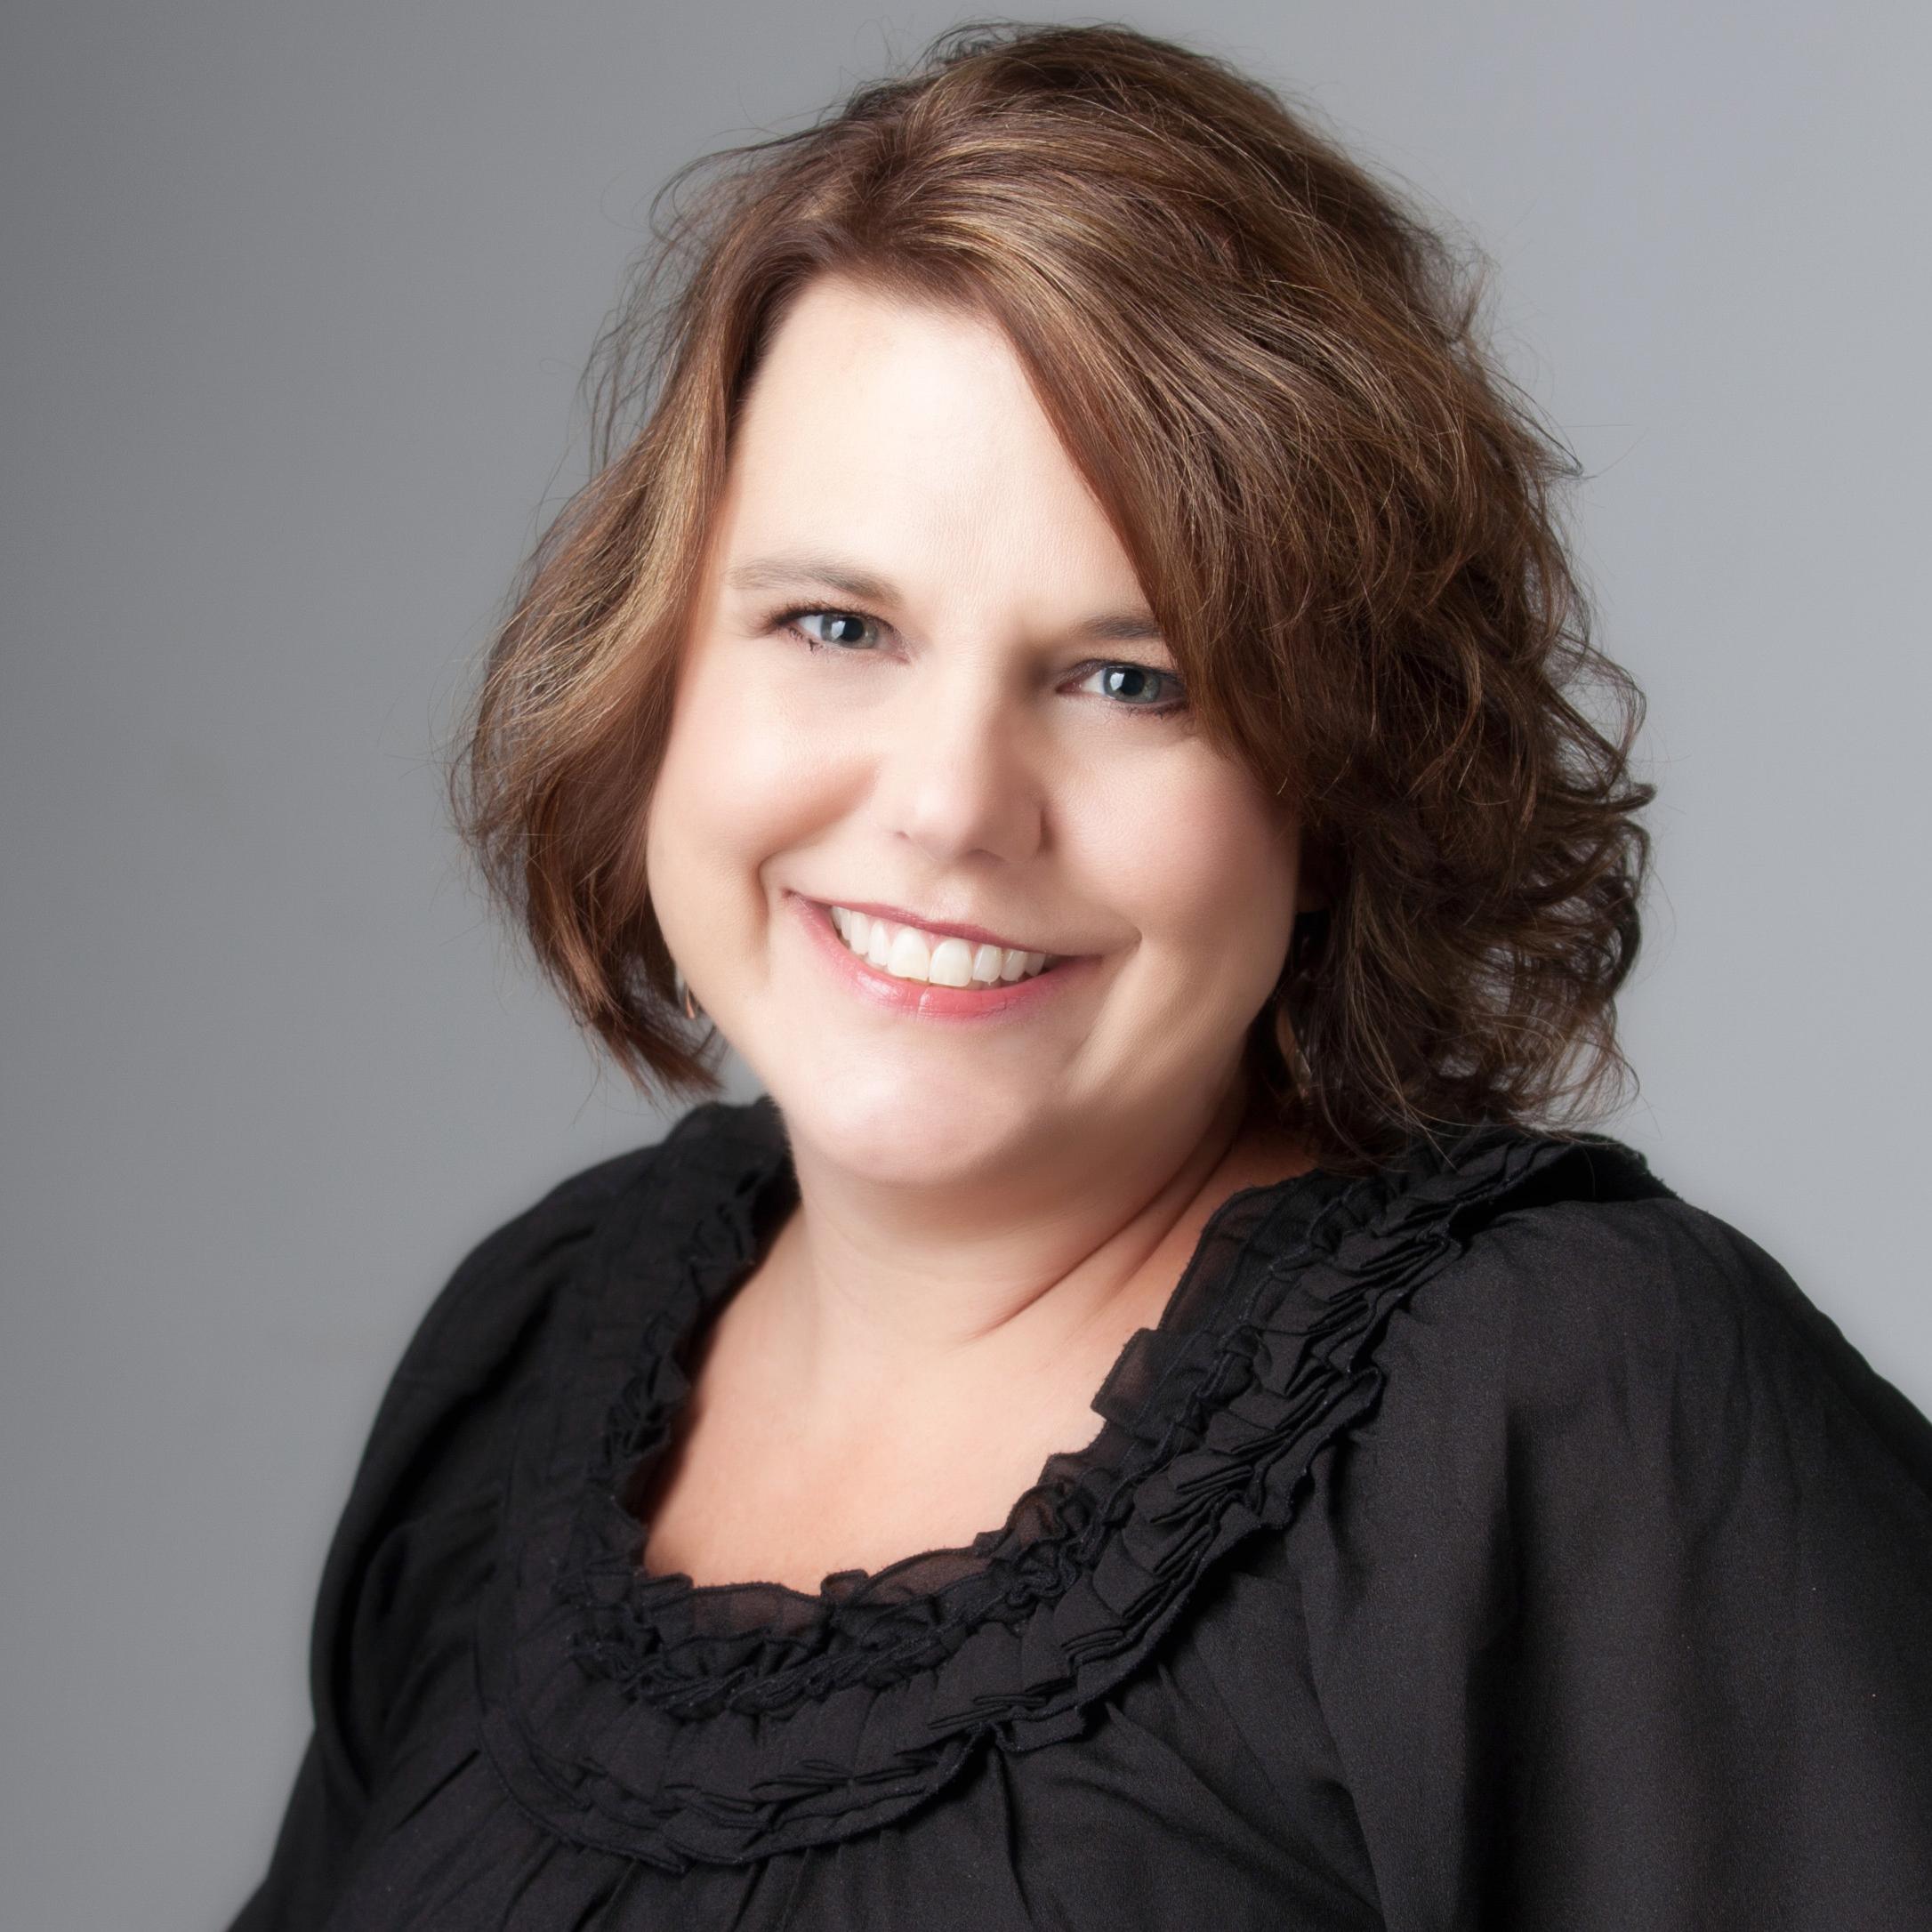 Shari Whitworth, Office Manager  shari@cityglasscompany.com